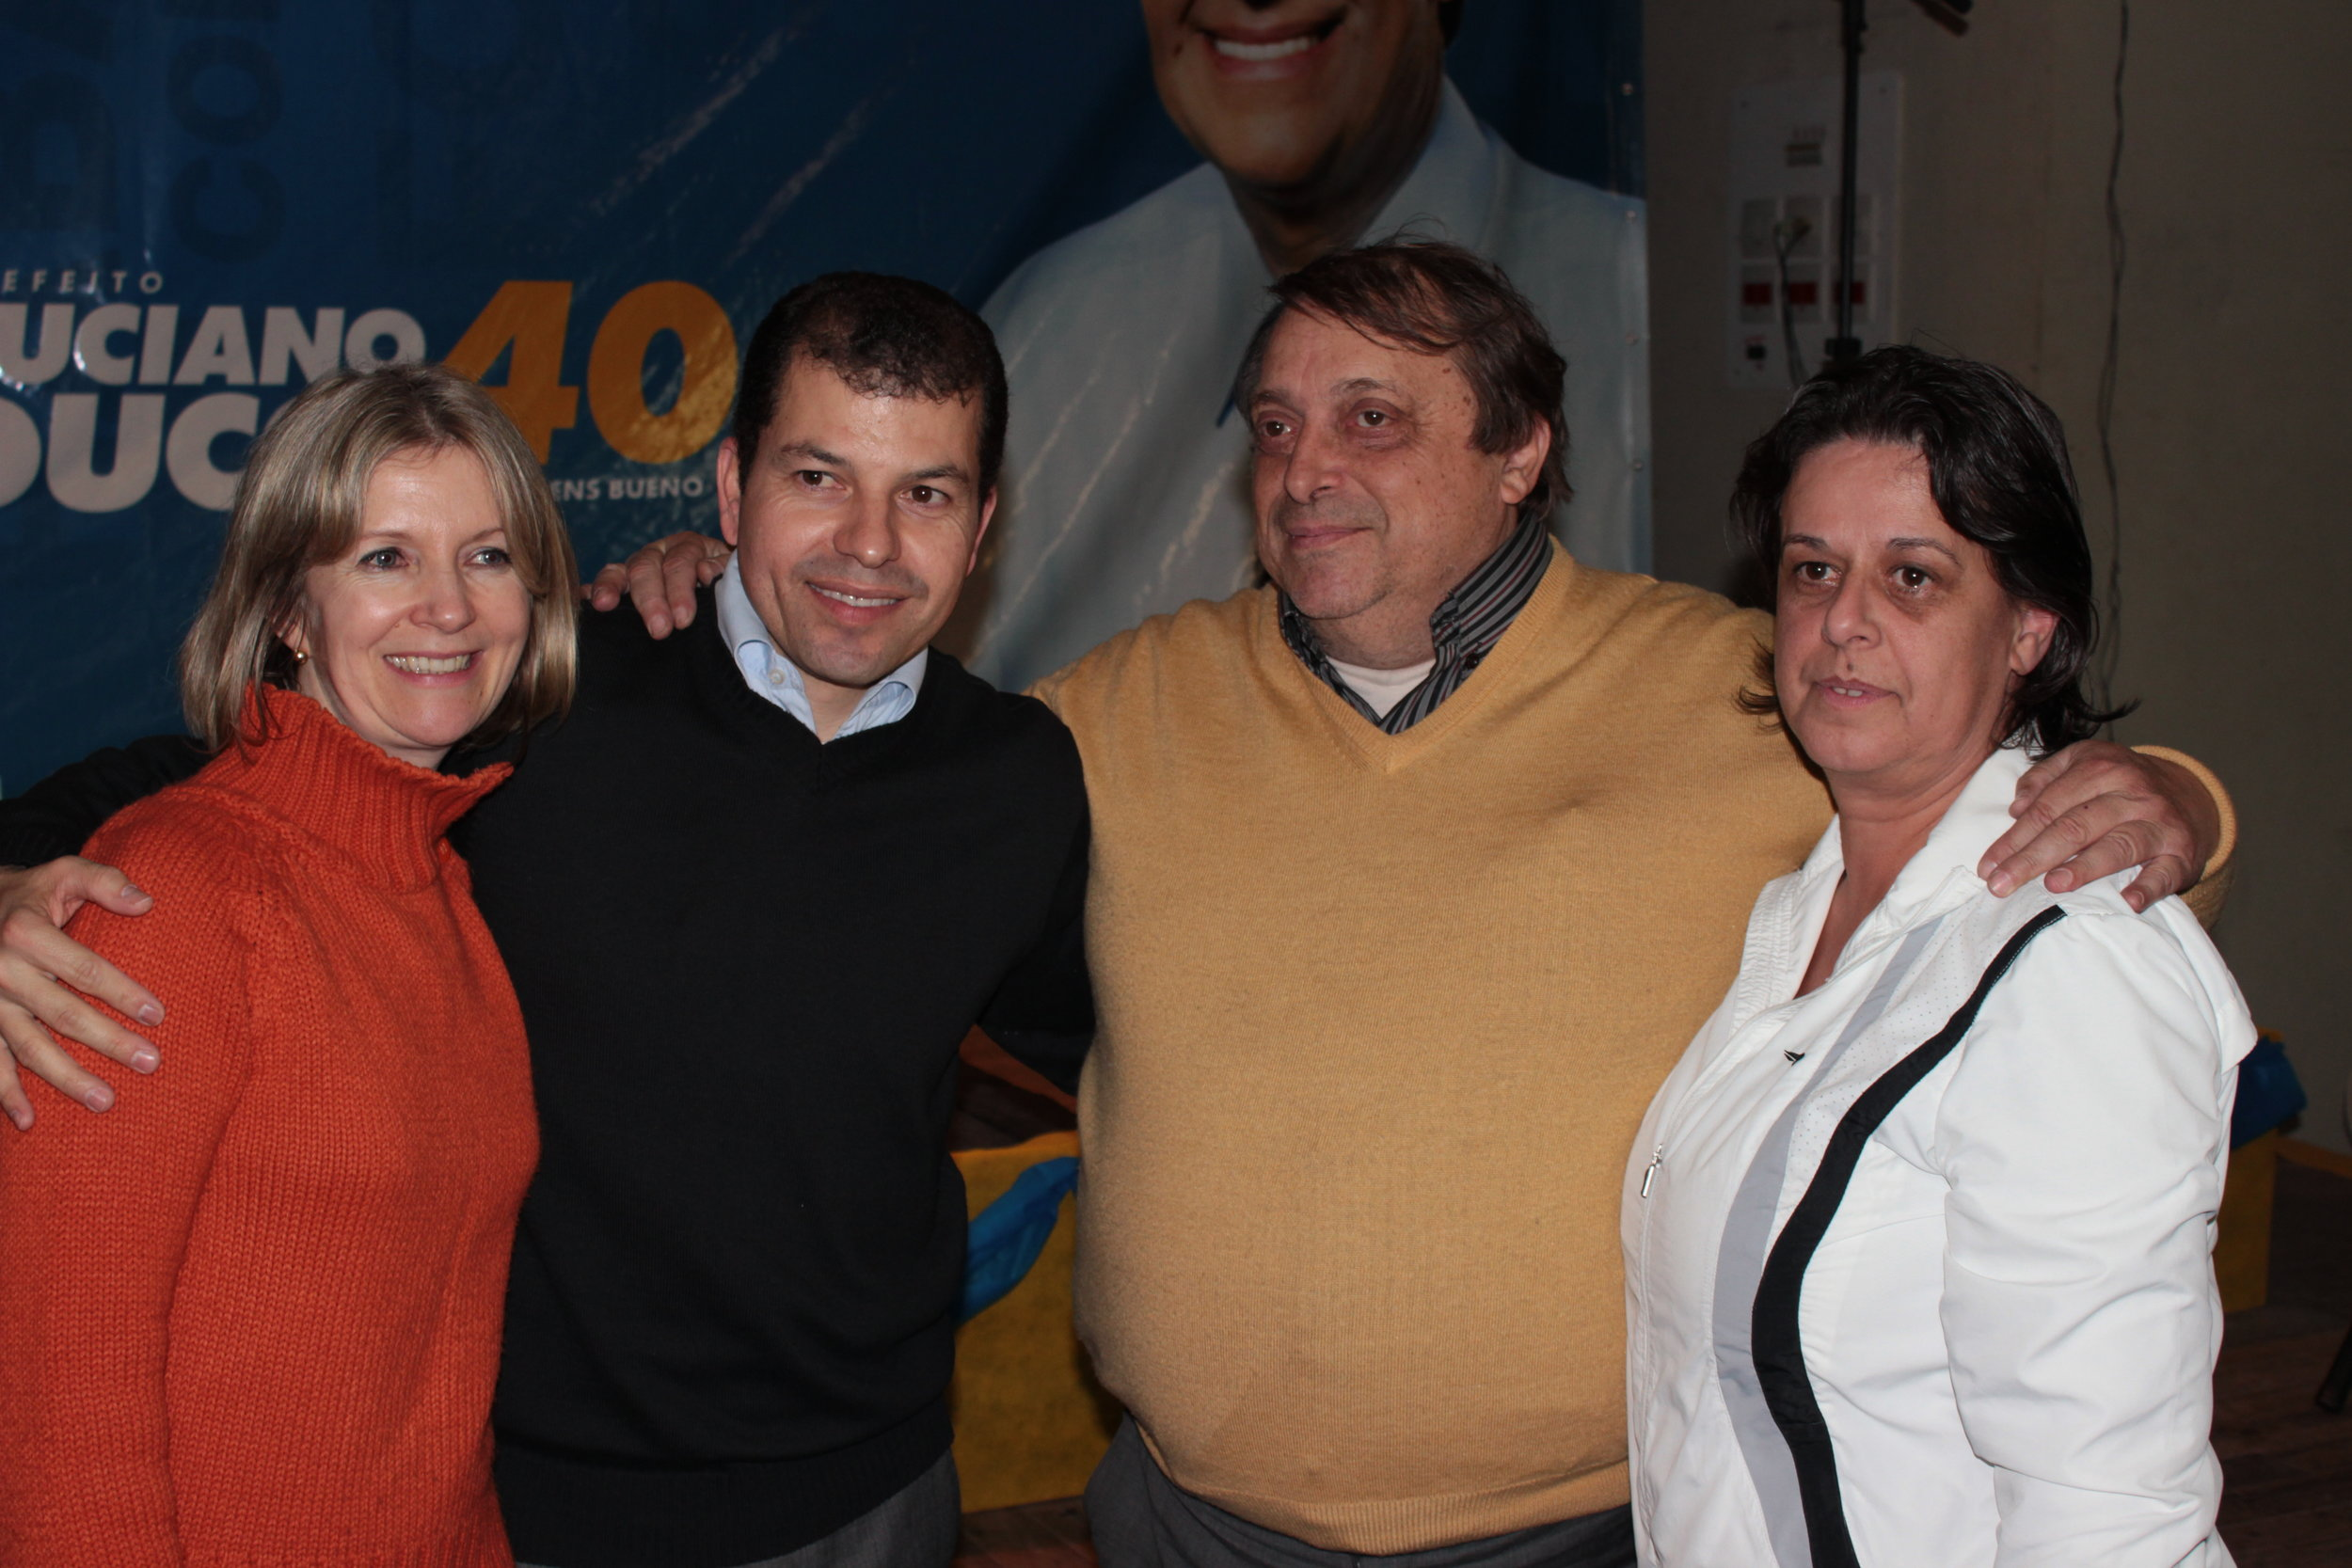 Lancamento Candidatura Serginho 2012 - Salao Rosario de Belem (145).JPG